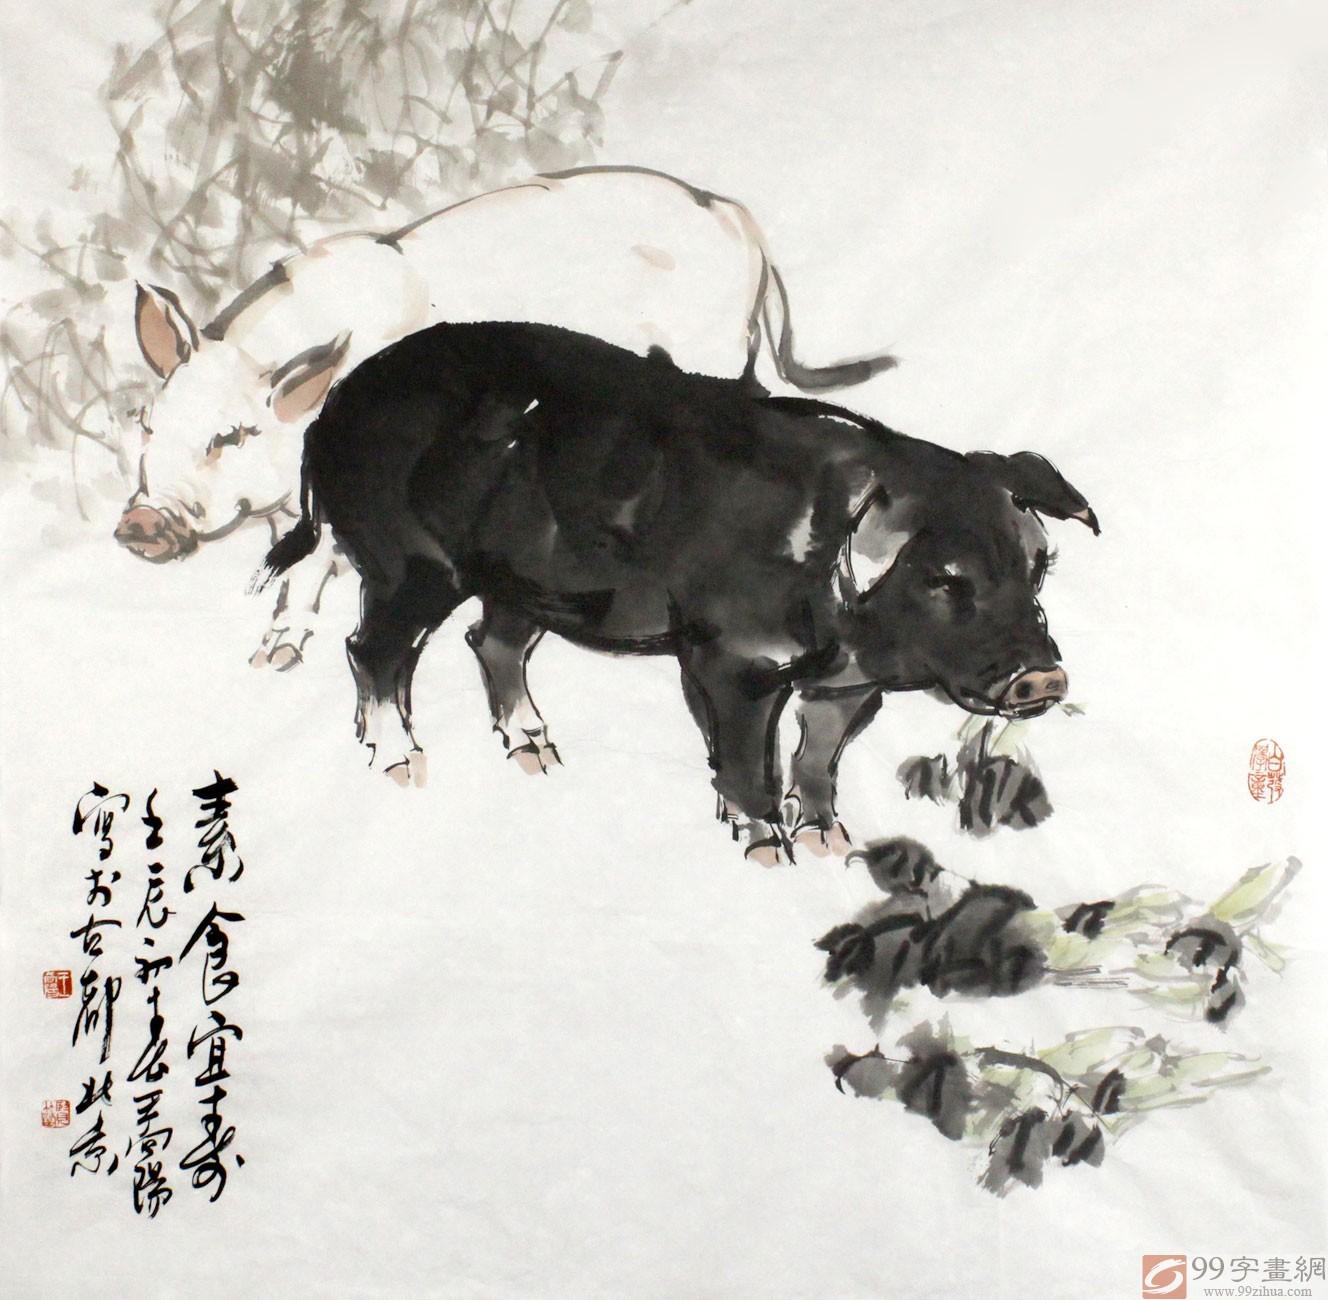 王向阳国画动物猪素食宜寿 - 动物画 - 99字画网; 王向阳作品数量(160图片